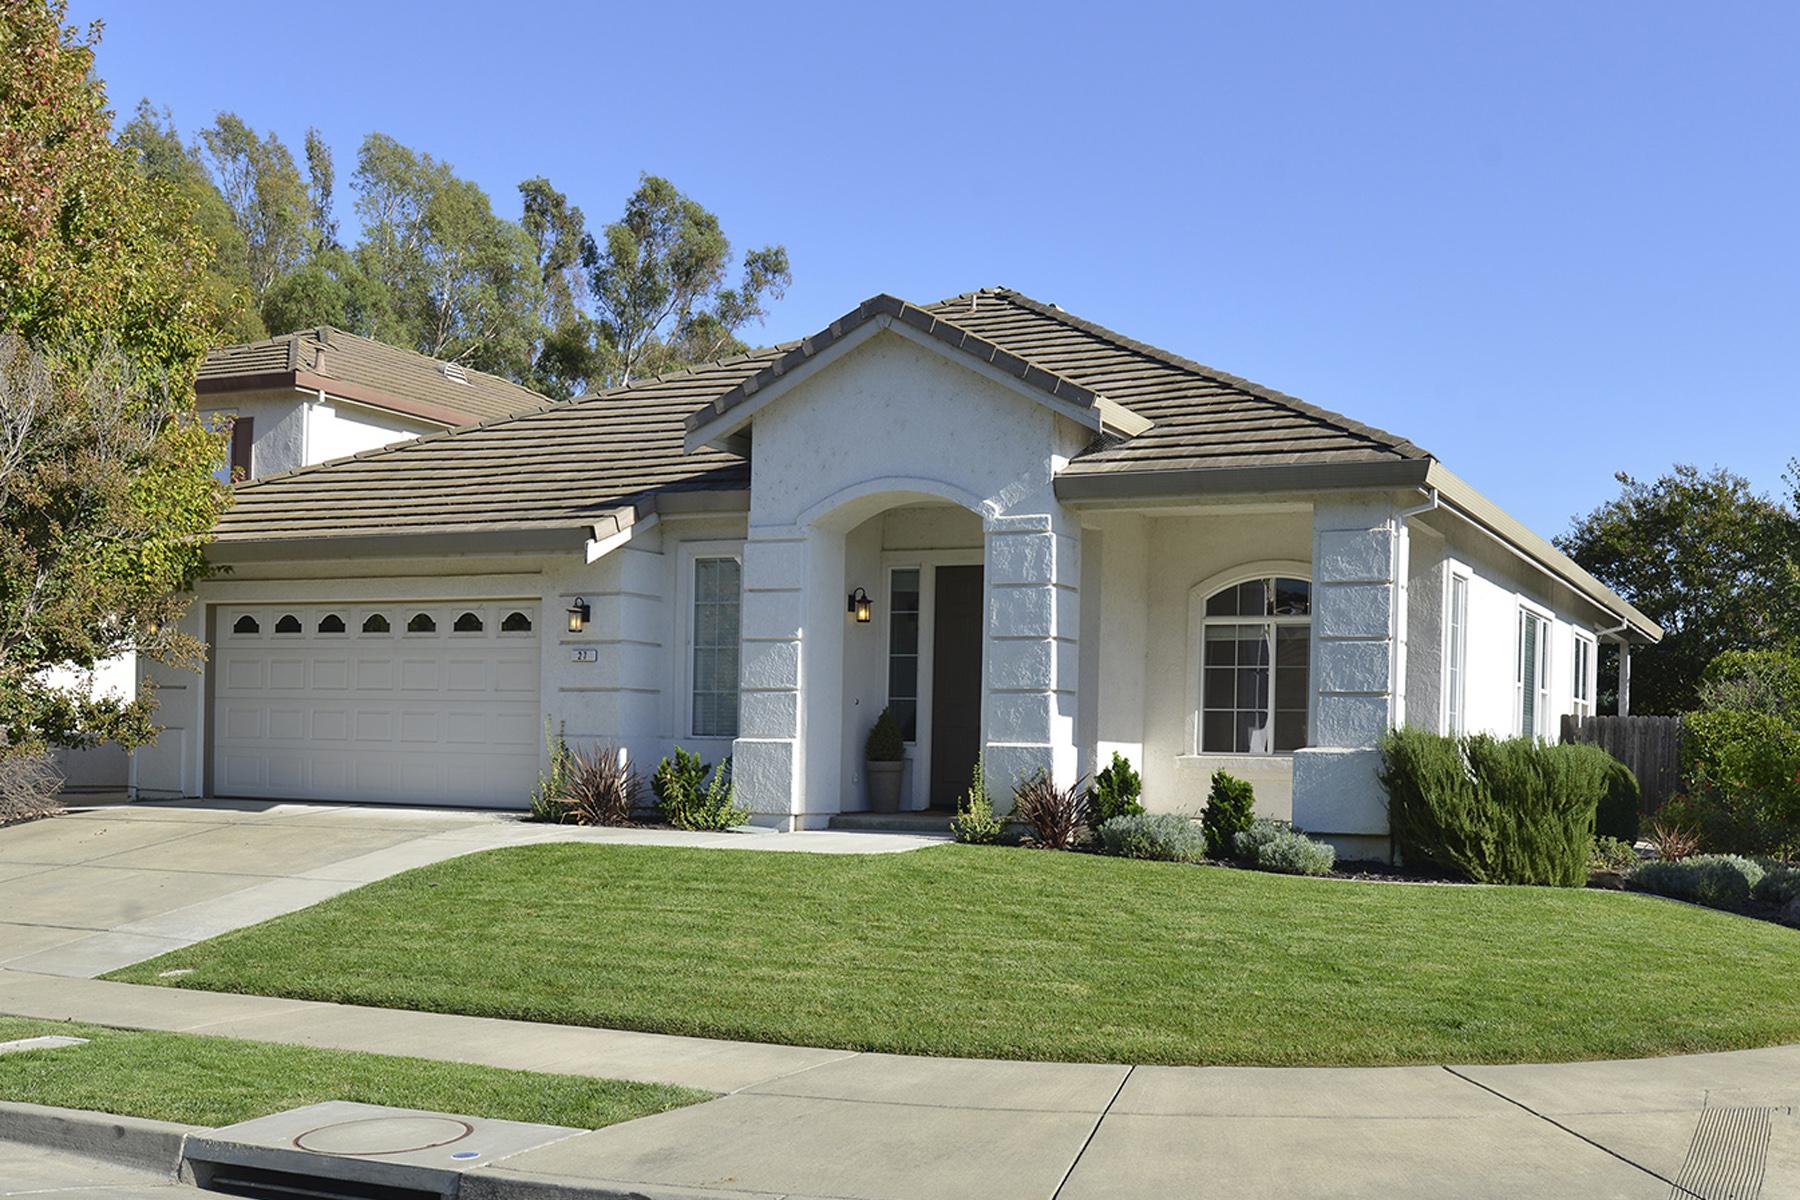 단독 가정 주택 용 매매 에 27 Ravenwood Ln, Napa, CA 94558 27 Ravenwood Ln Napa, 캘리포니아 94558 미국